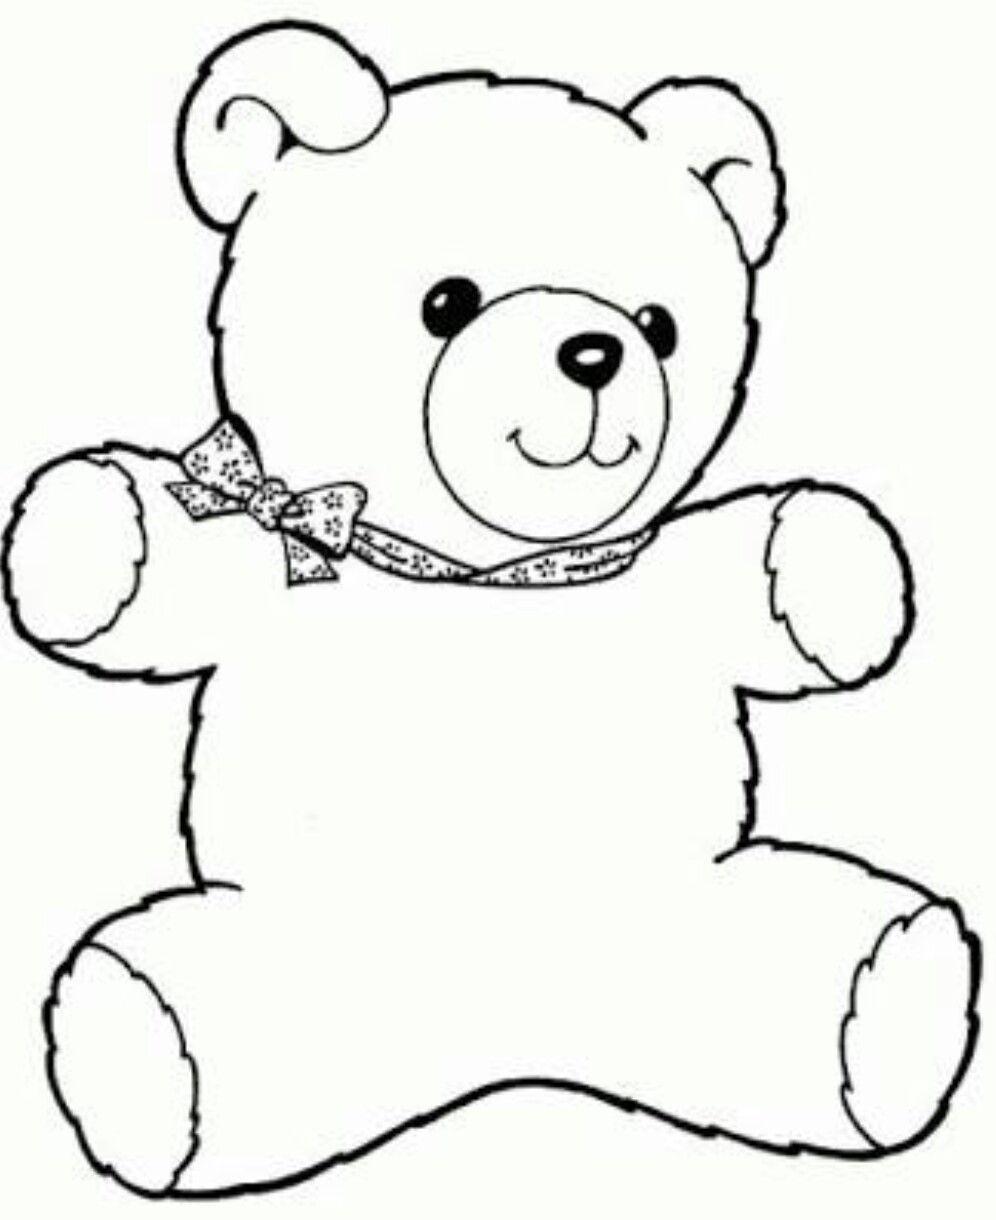 Pin Von Pykafabienne Auf Kita | Teddybär Bild, Ausmalbilder mit Teddybär Malvorlage